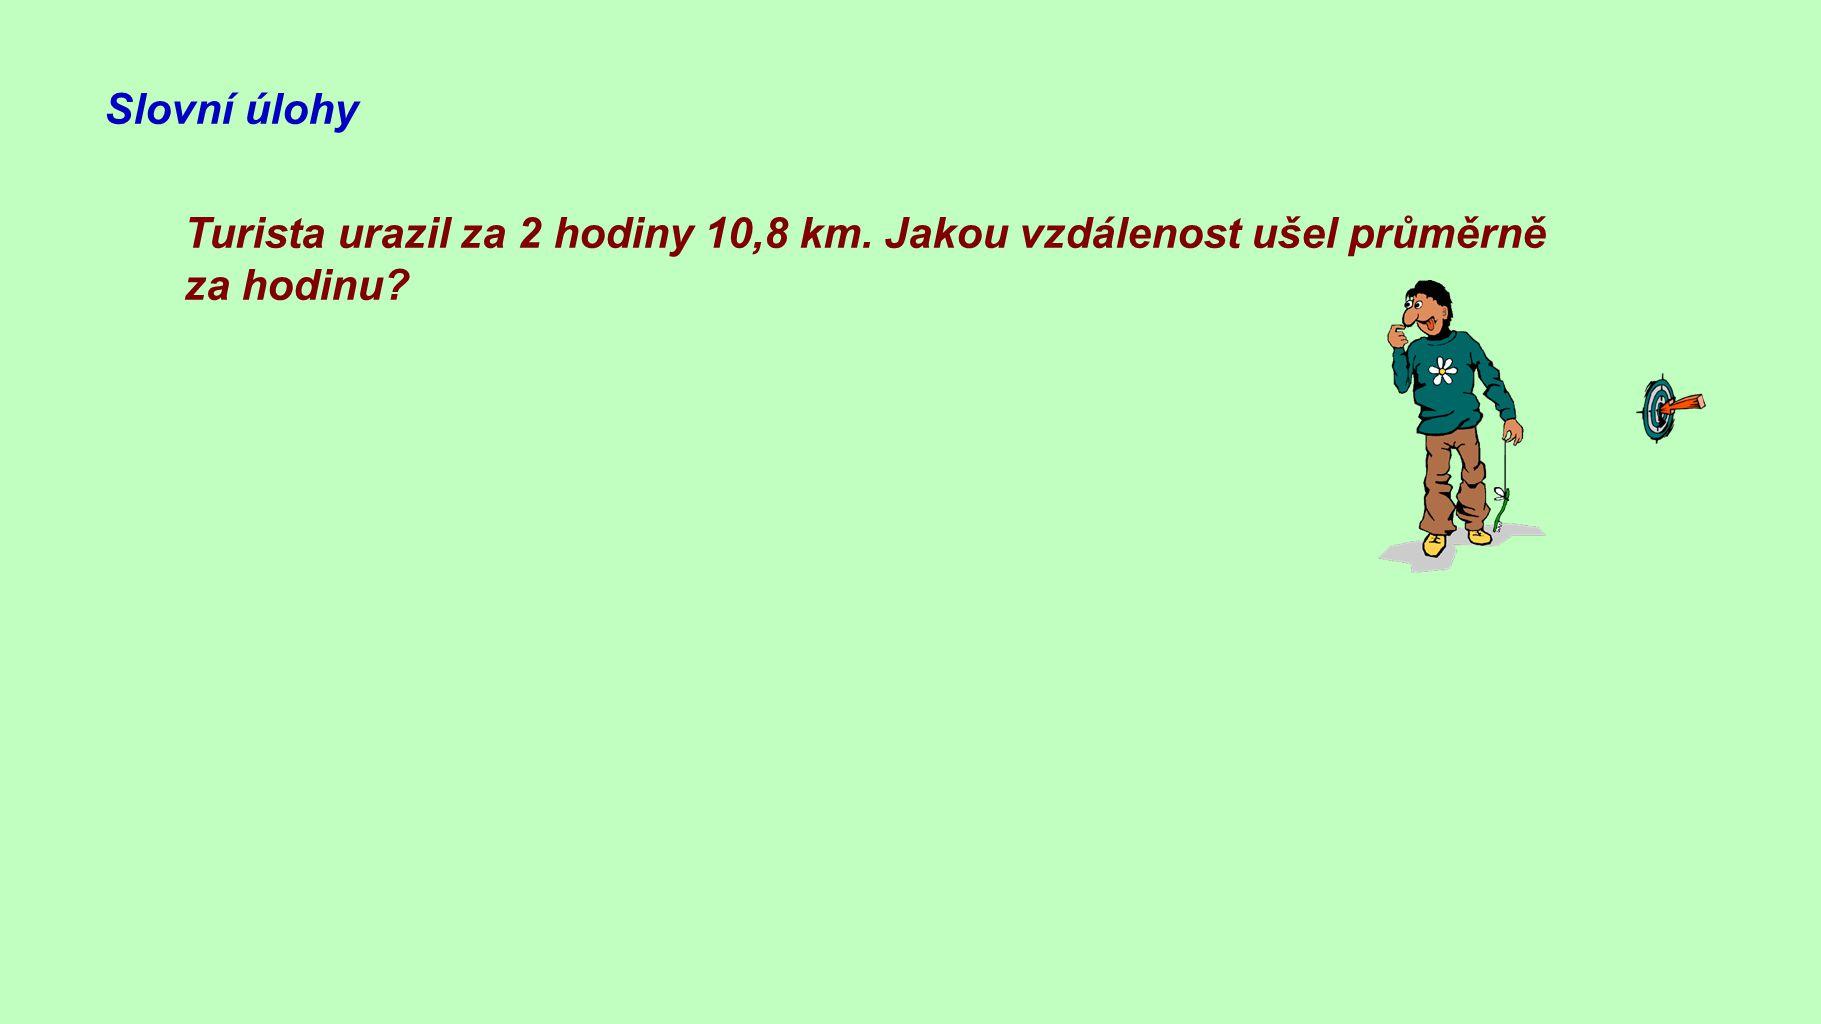 Slovní úlohy Turista urazil za 2 hodiny 10,8 km. Jakou vzdálenost ušel průměrně za hodinu? 10,8 : 2 = 5,4